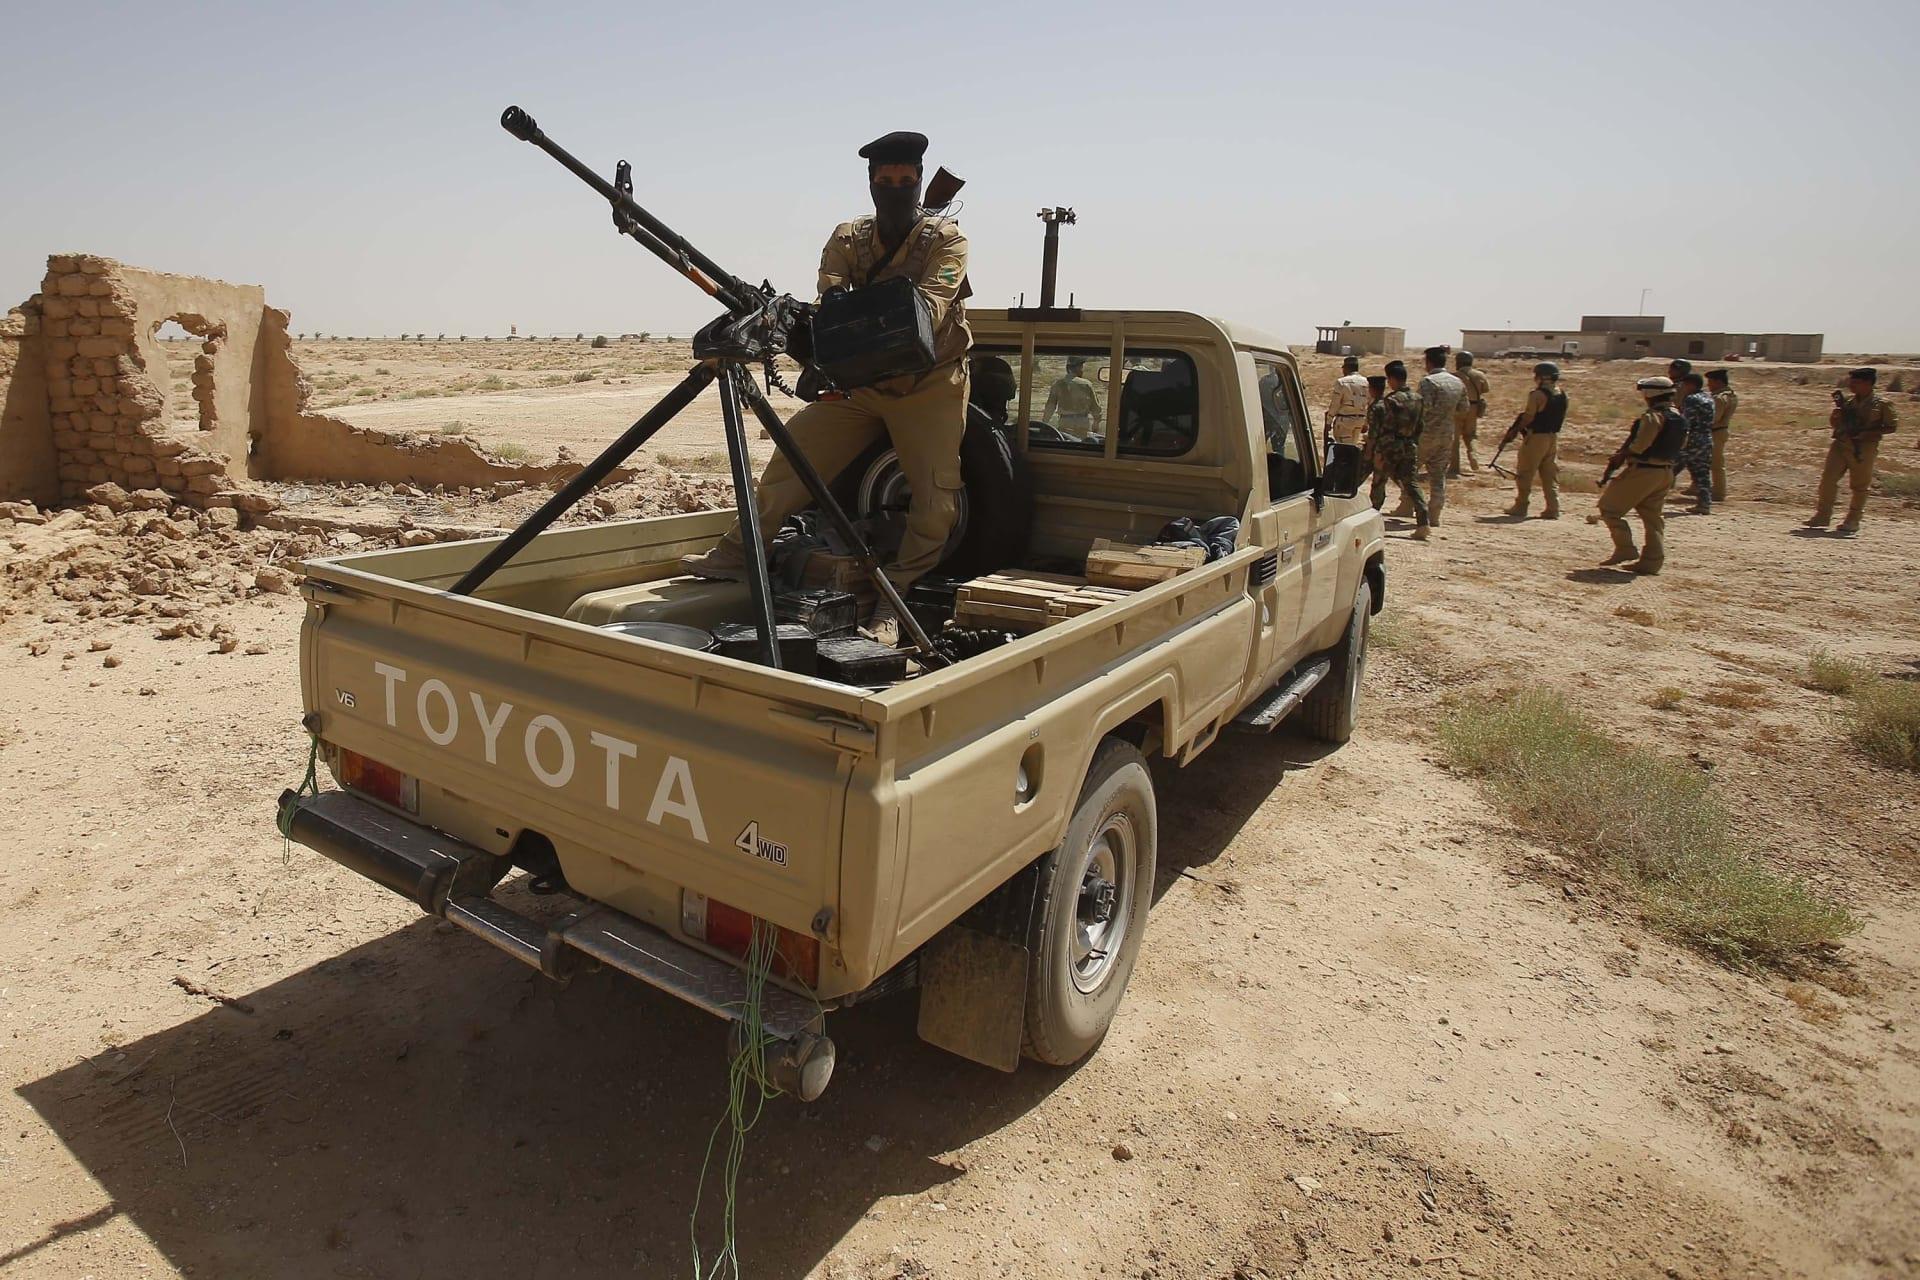 الجيش العراقي: قواتنا منتشرة لم ينسحب من حدود السعودية إلا بعض المرتشين